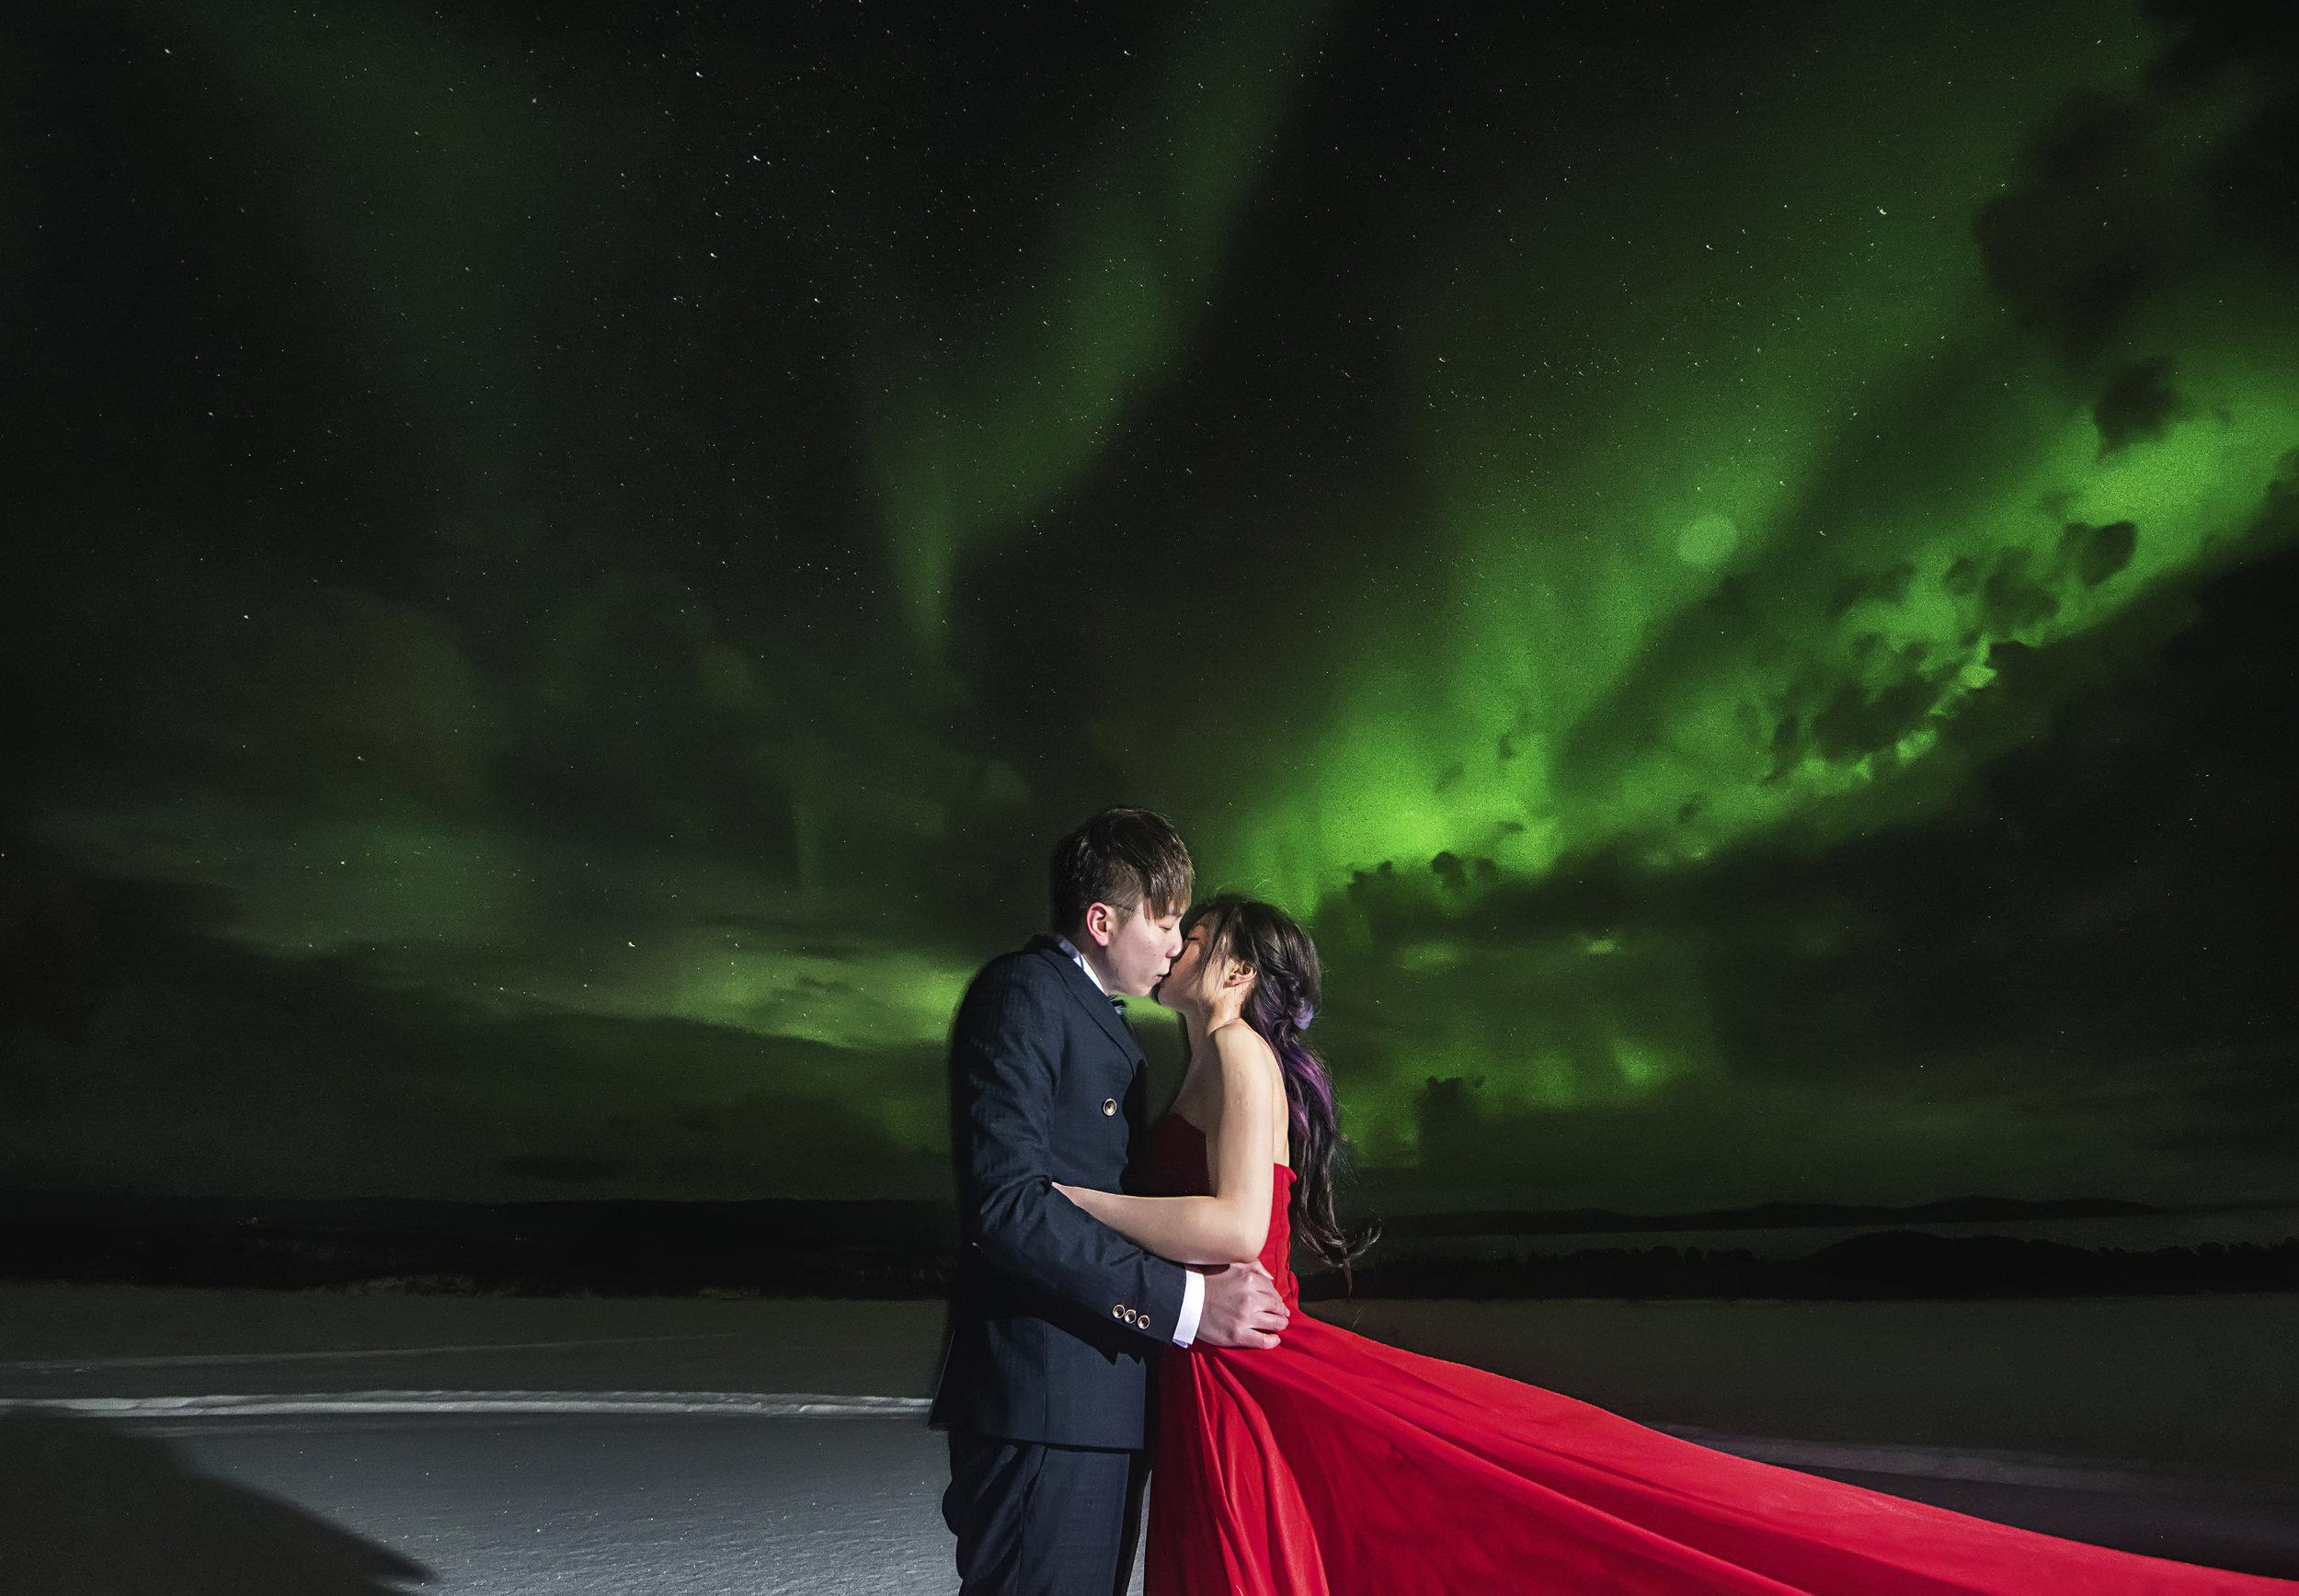 - 冰島-人類的終極孤獨澳門首隊婚紗拍攝團隊勇闖地球上最像外星的地方-冰島,聯同數位勇於探險的客人,橫跨冰島東西;走過冰雪大地、闖進風雪區域、晉見Aurora 女神極光,完成了全程千多公里的拍攝旅程。